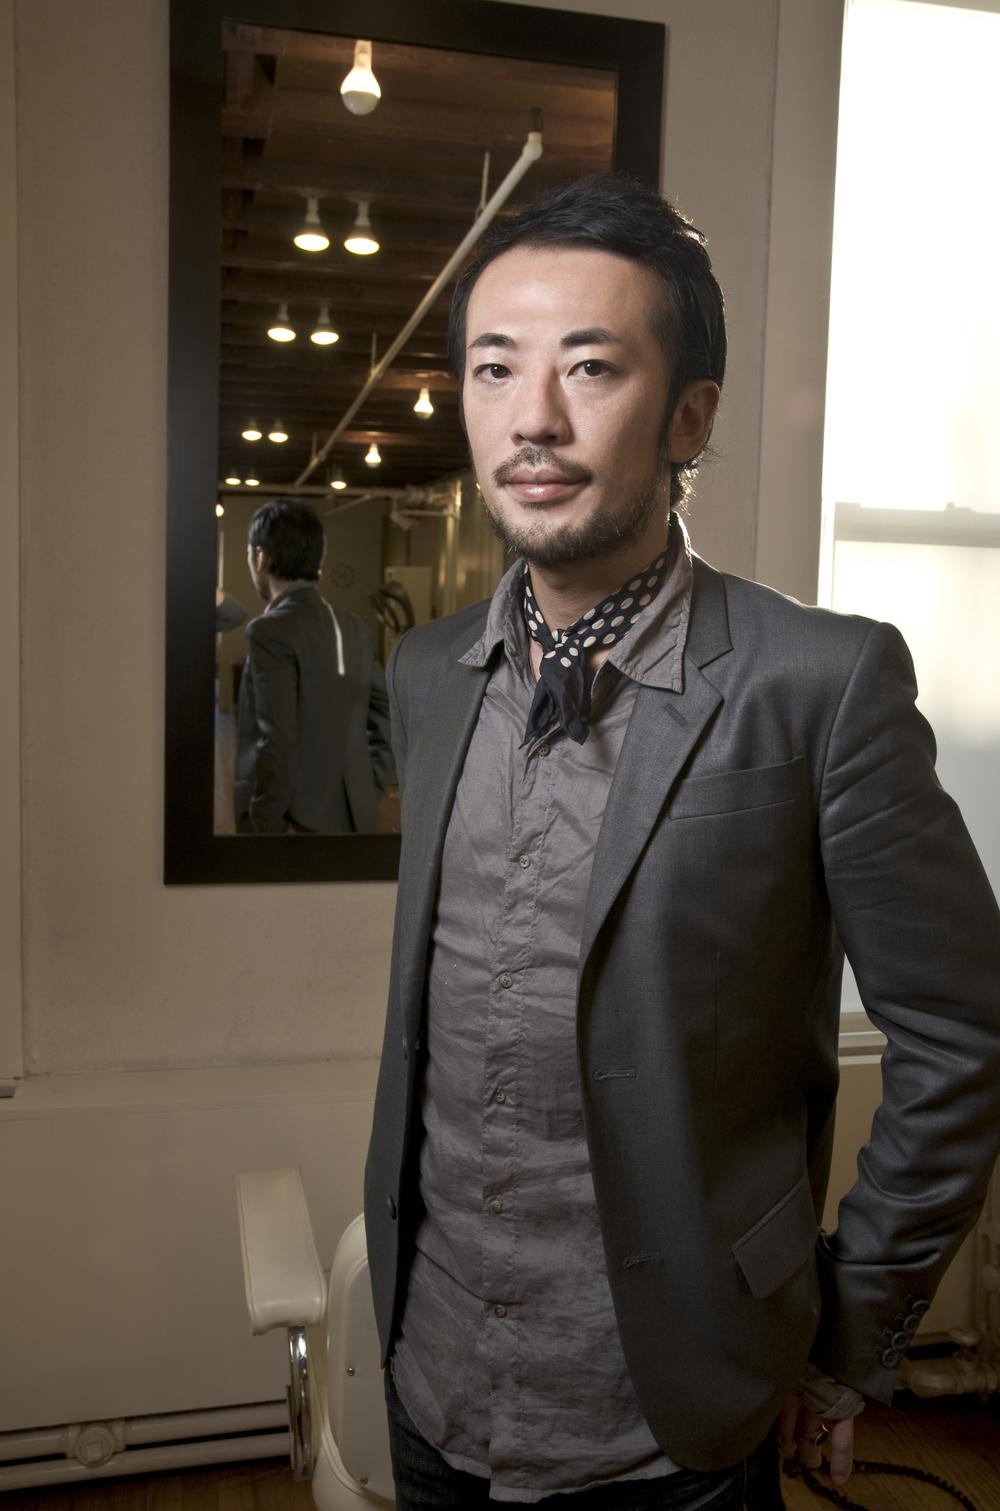 Takamichi Saeki is known for his razor sharp cuts.